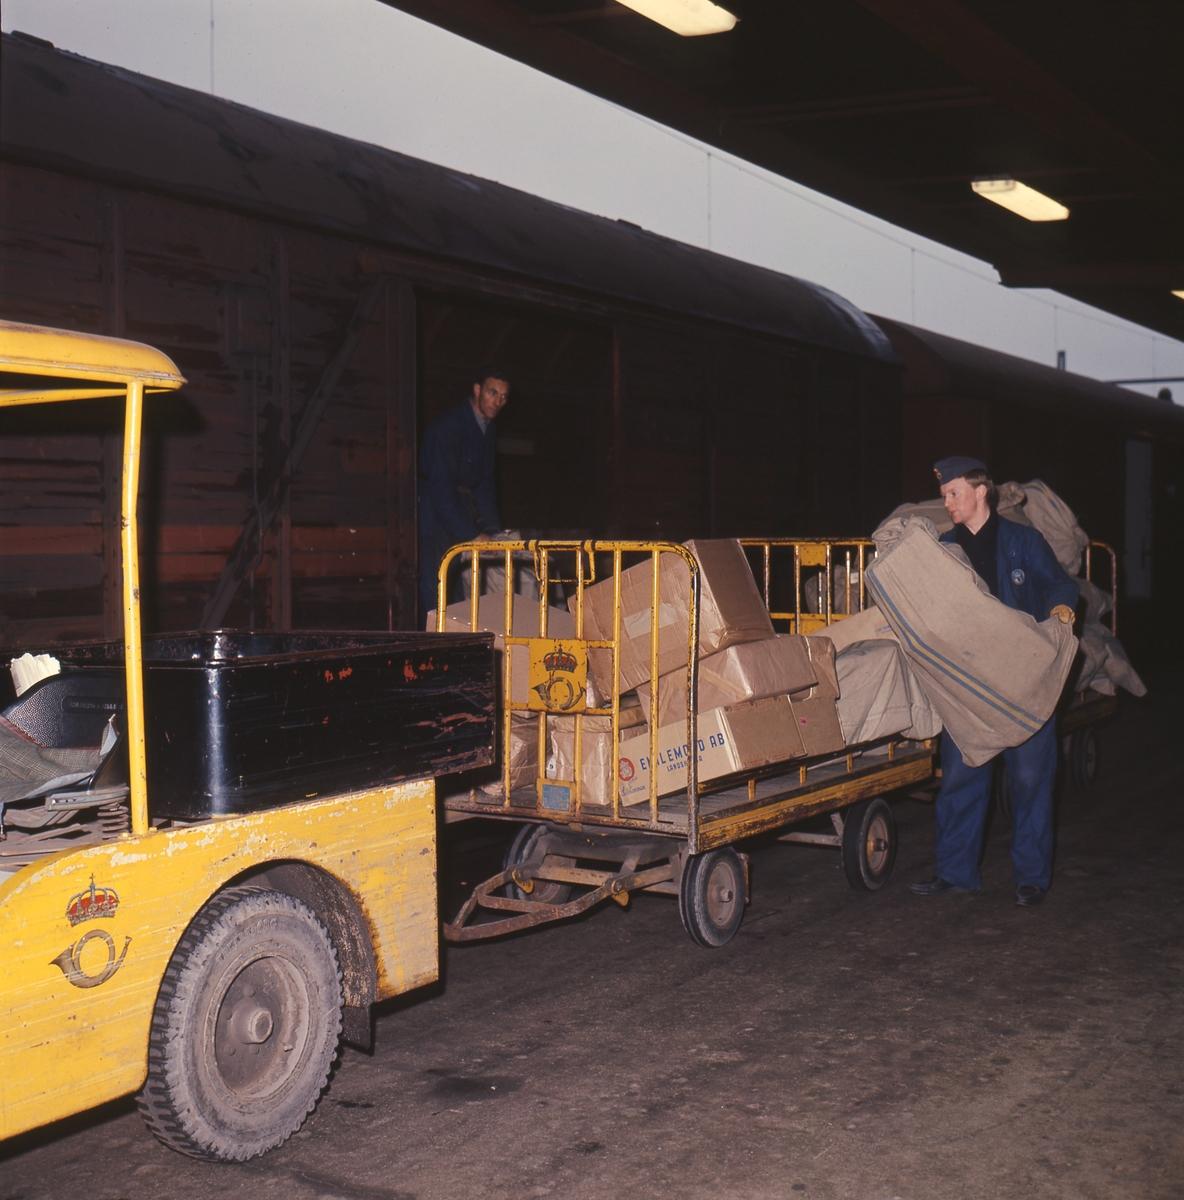 Lastning och lossning av post vid järnväg. Perrongtruck med släpvagn vid järnvägsvagn, 1960-talet.